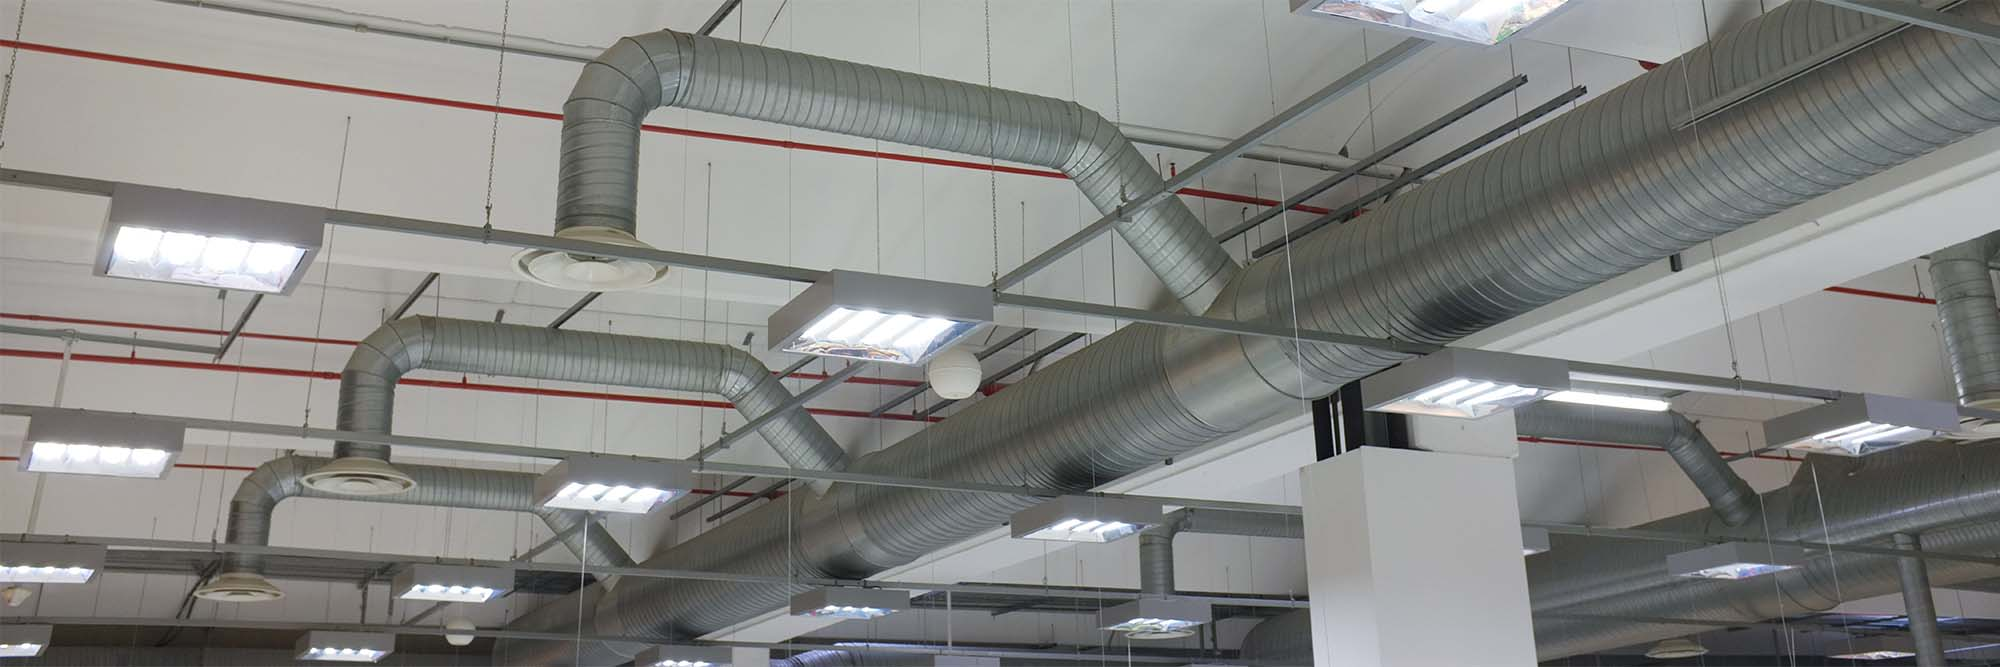 ss-luchtkanalen-plafond13x1